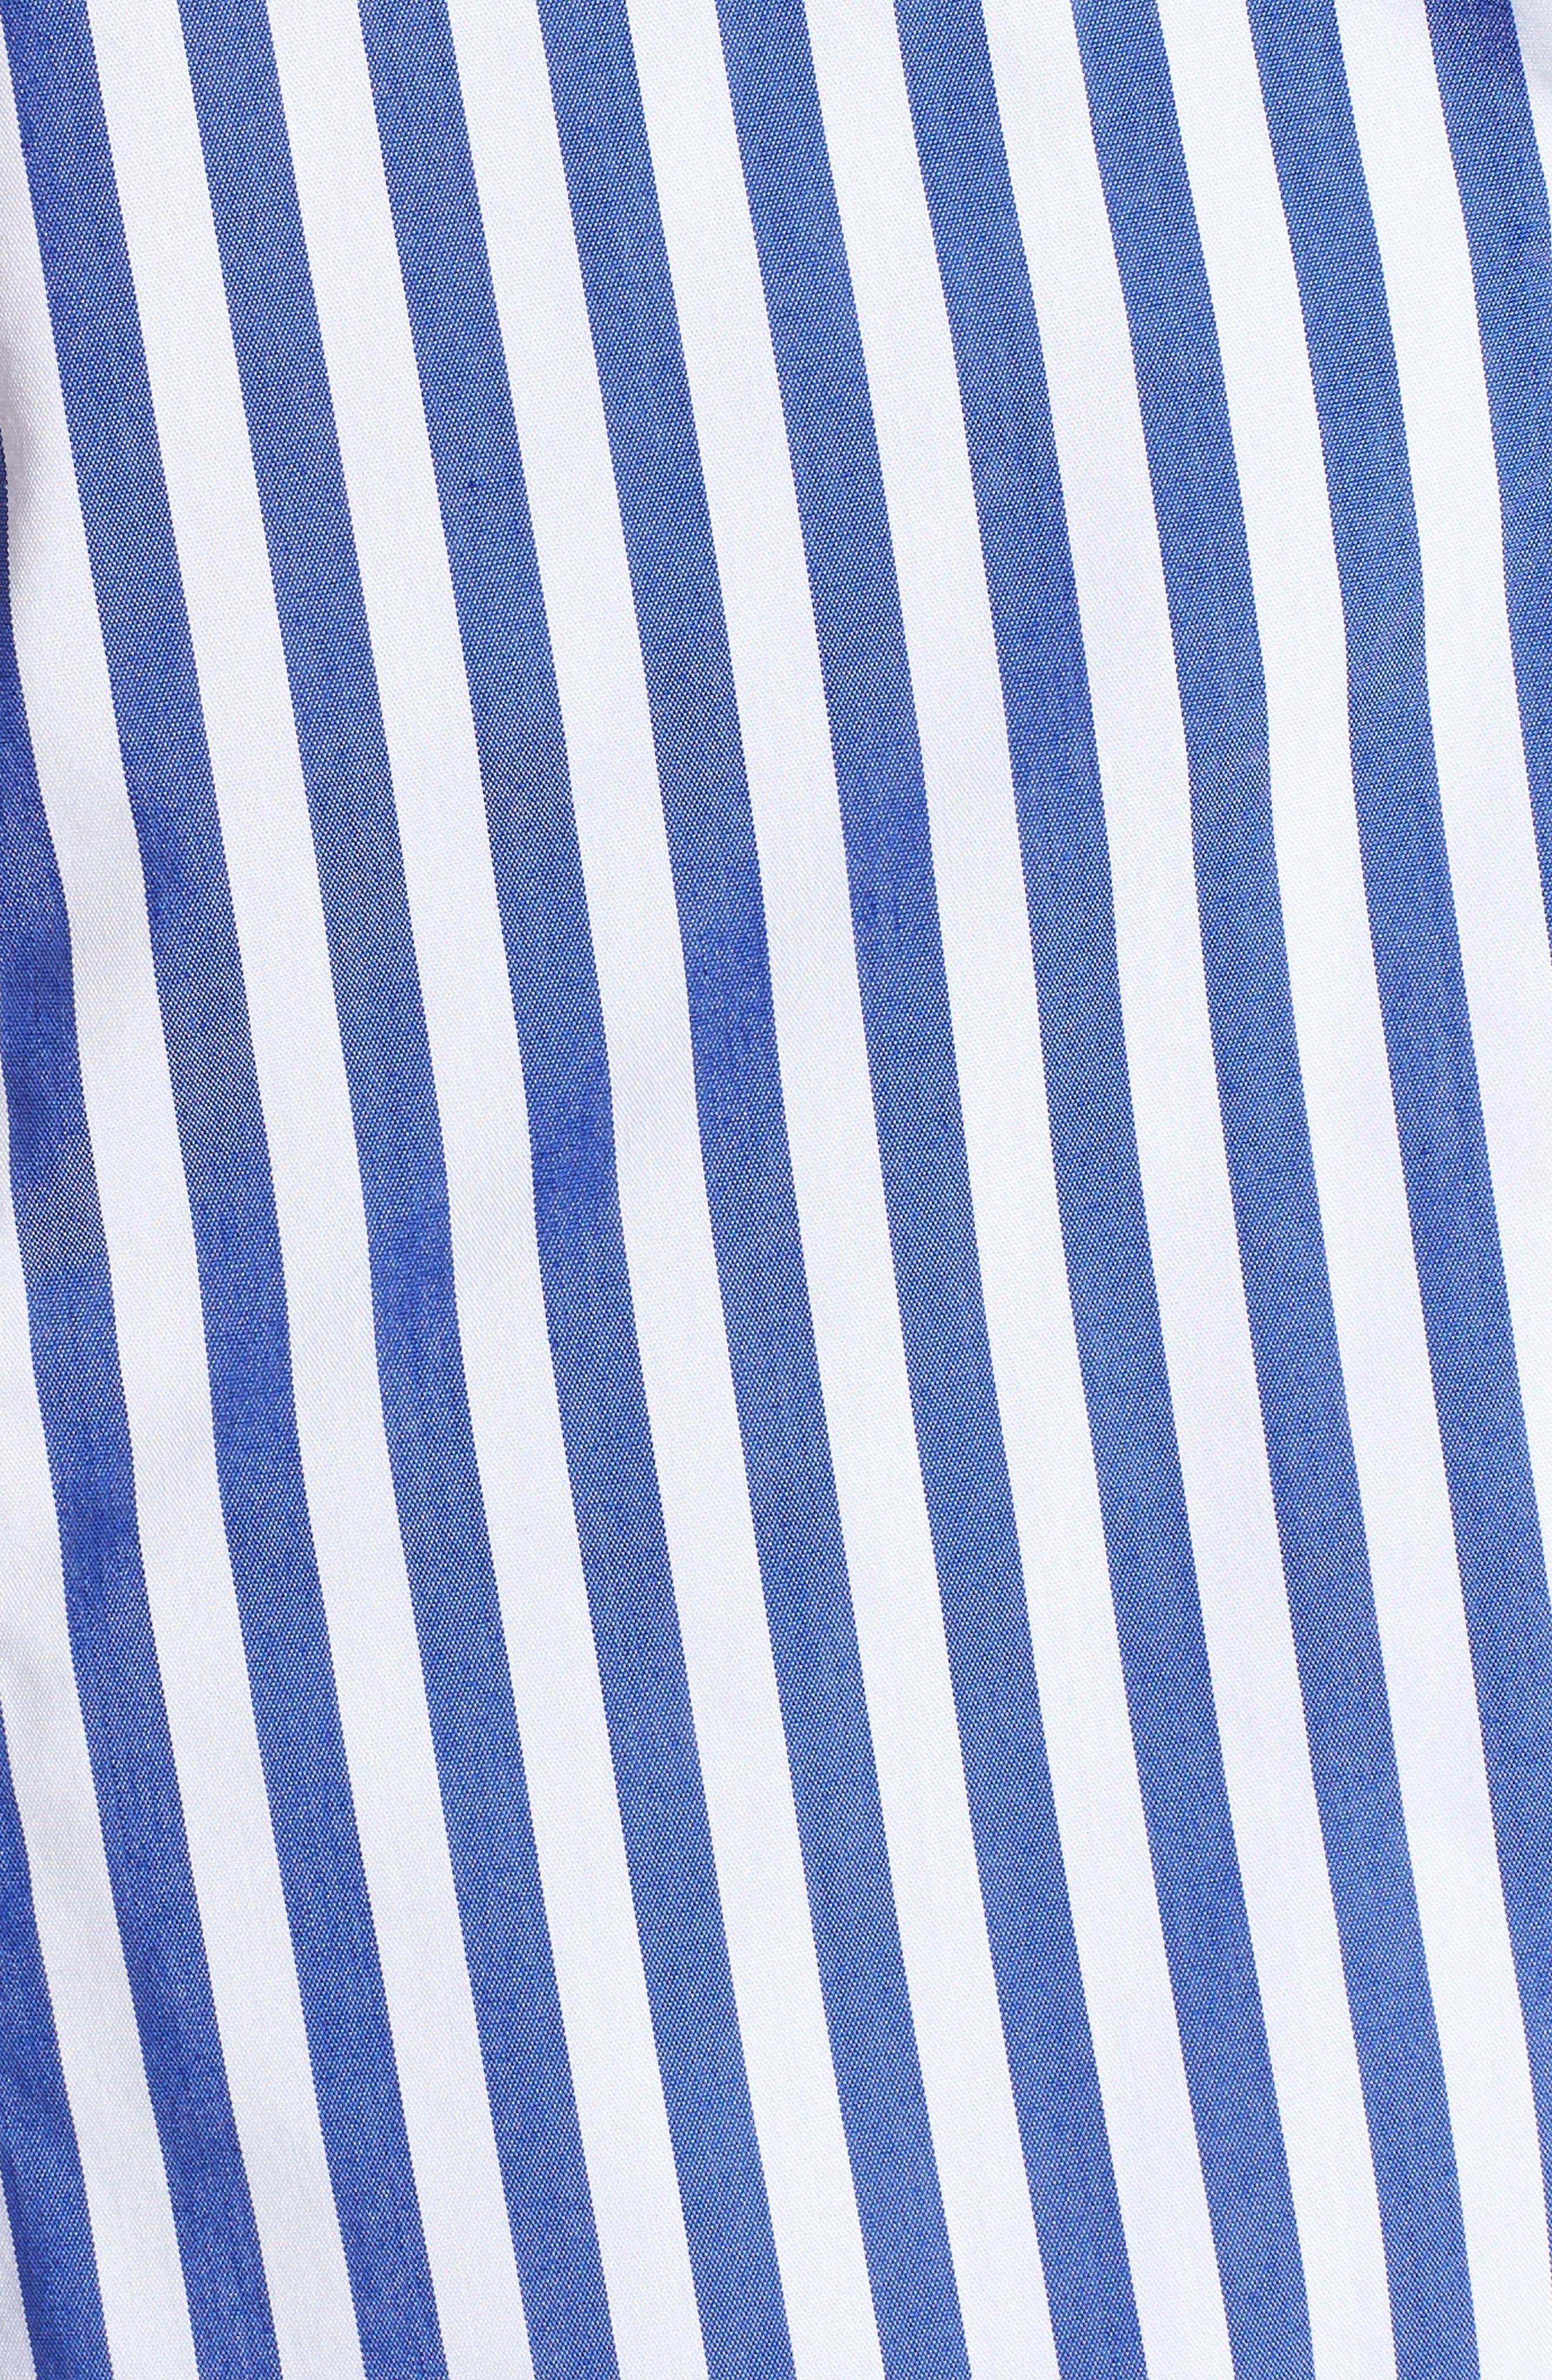 Asymmetrical Stripe Blouse,                             Alternate thumbnail 6, color,                             495